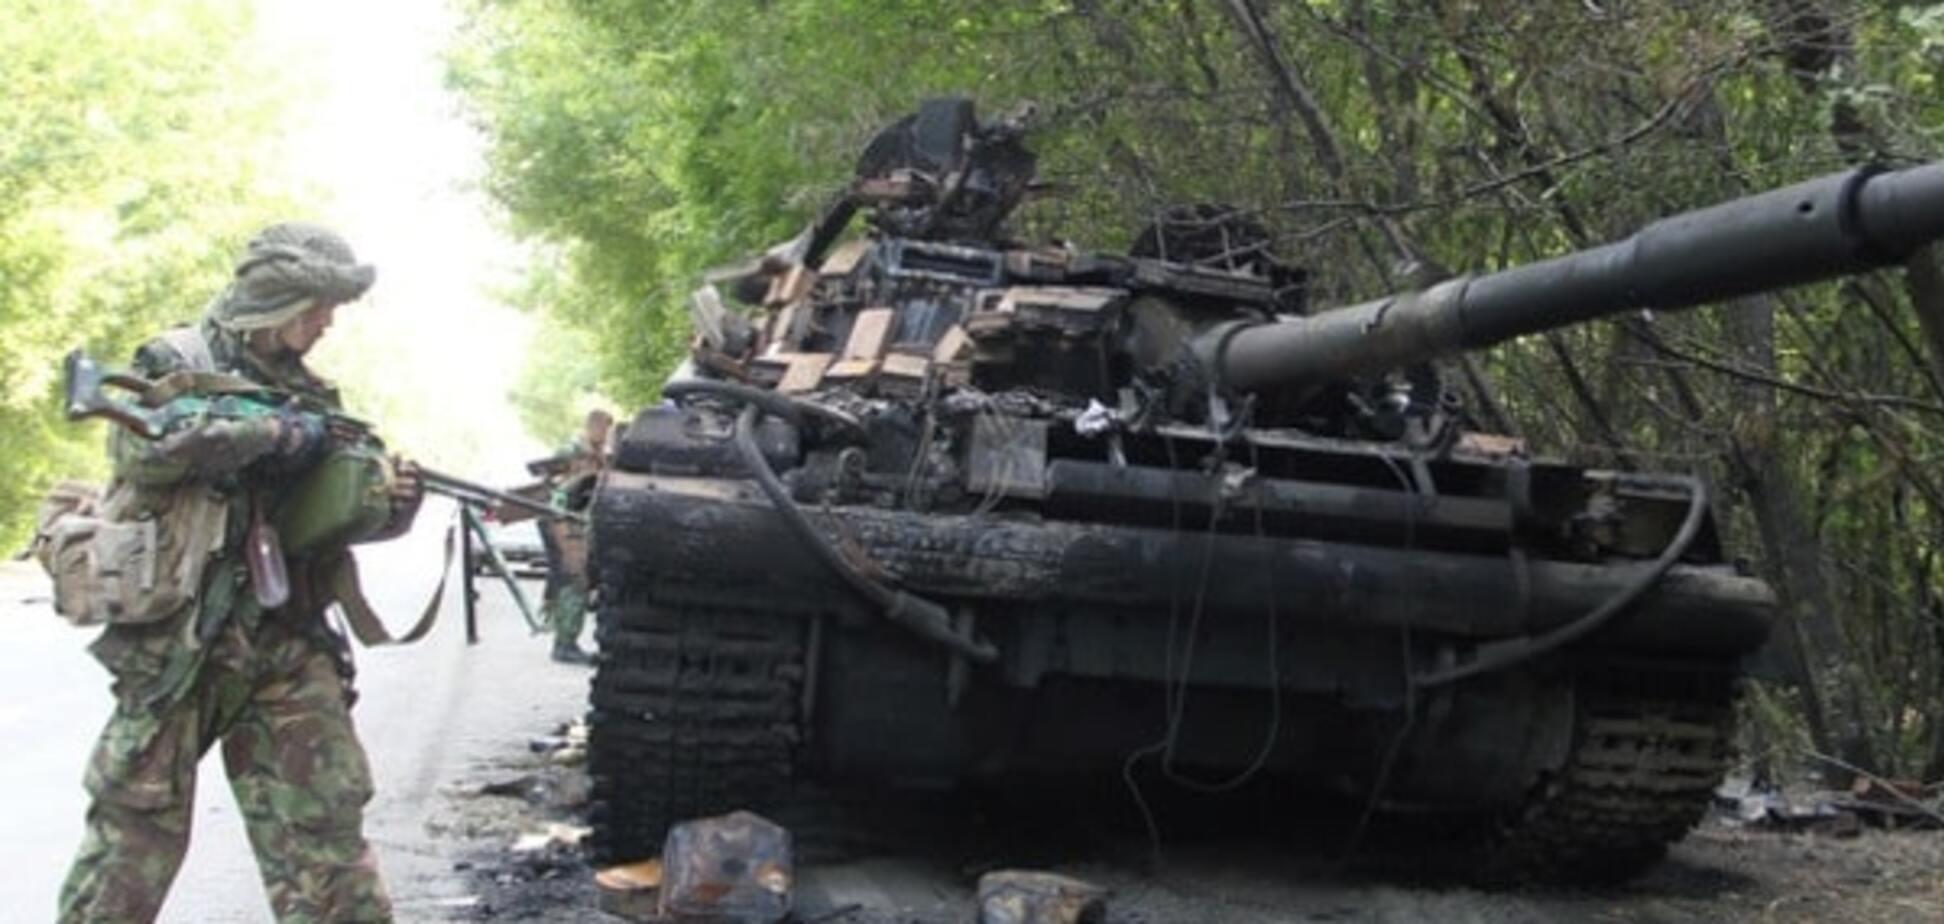 Терористи масово дезертують і тікають у Росію, на Донбасі введений план перехоплення - розвідка